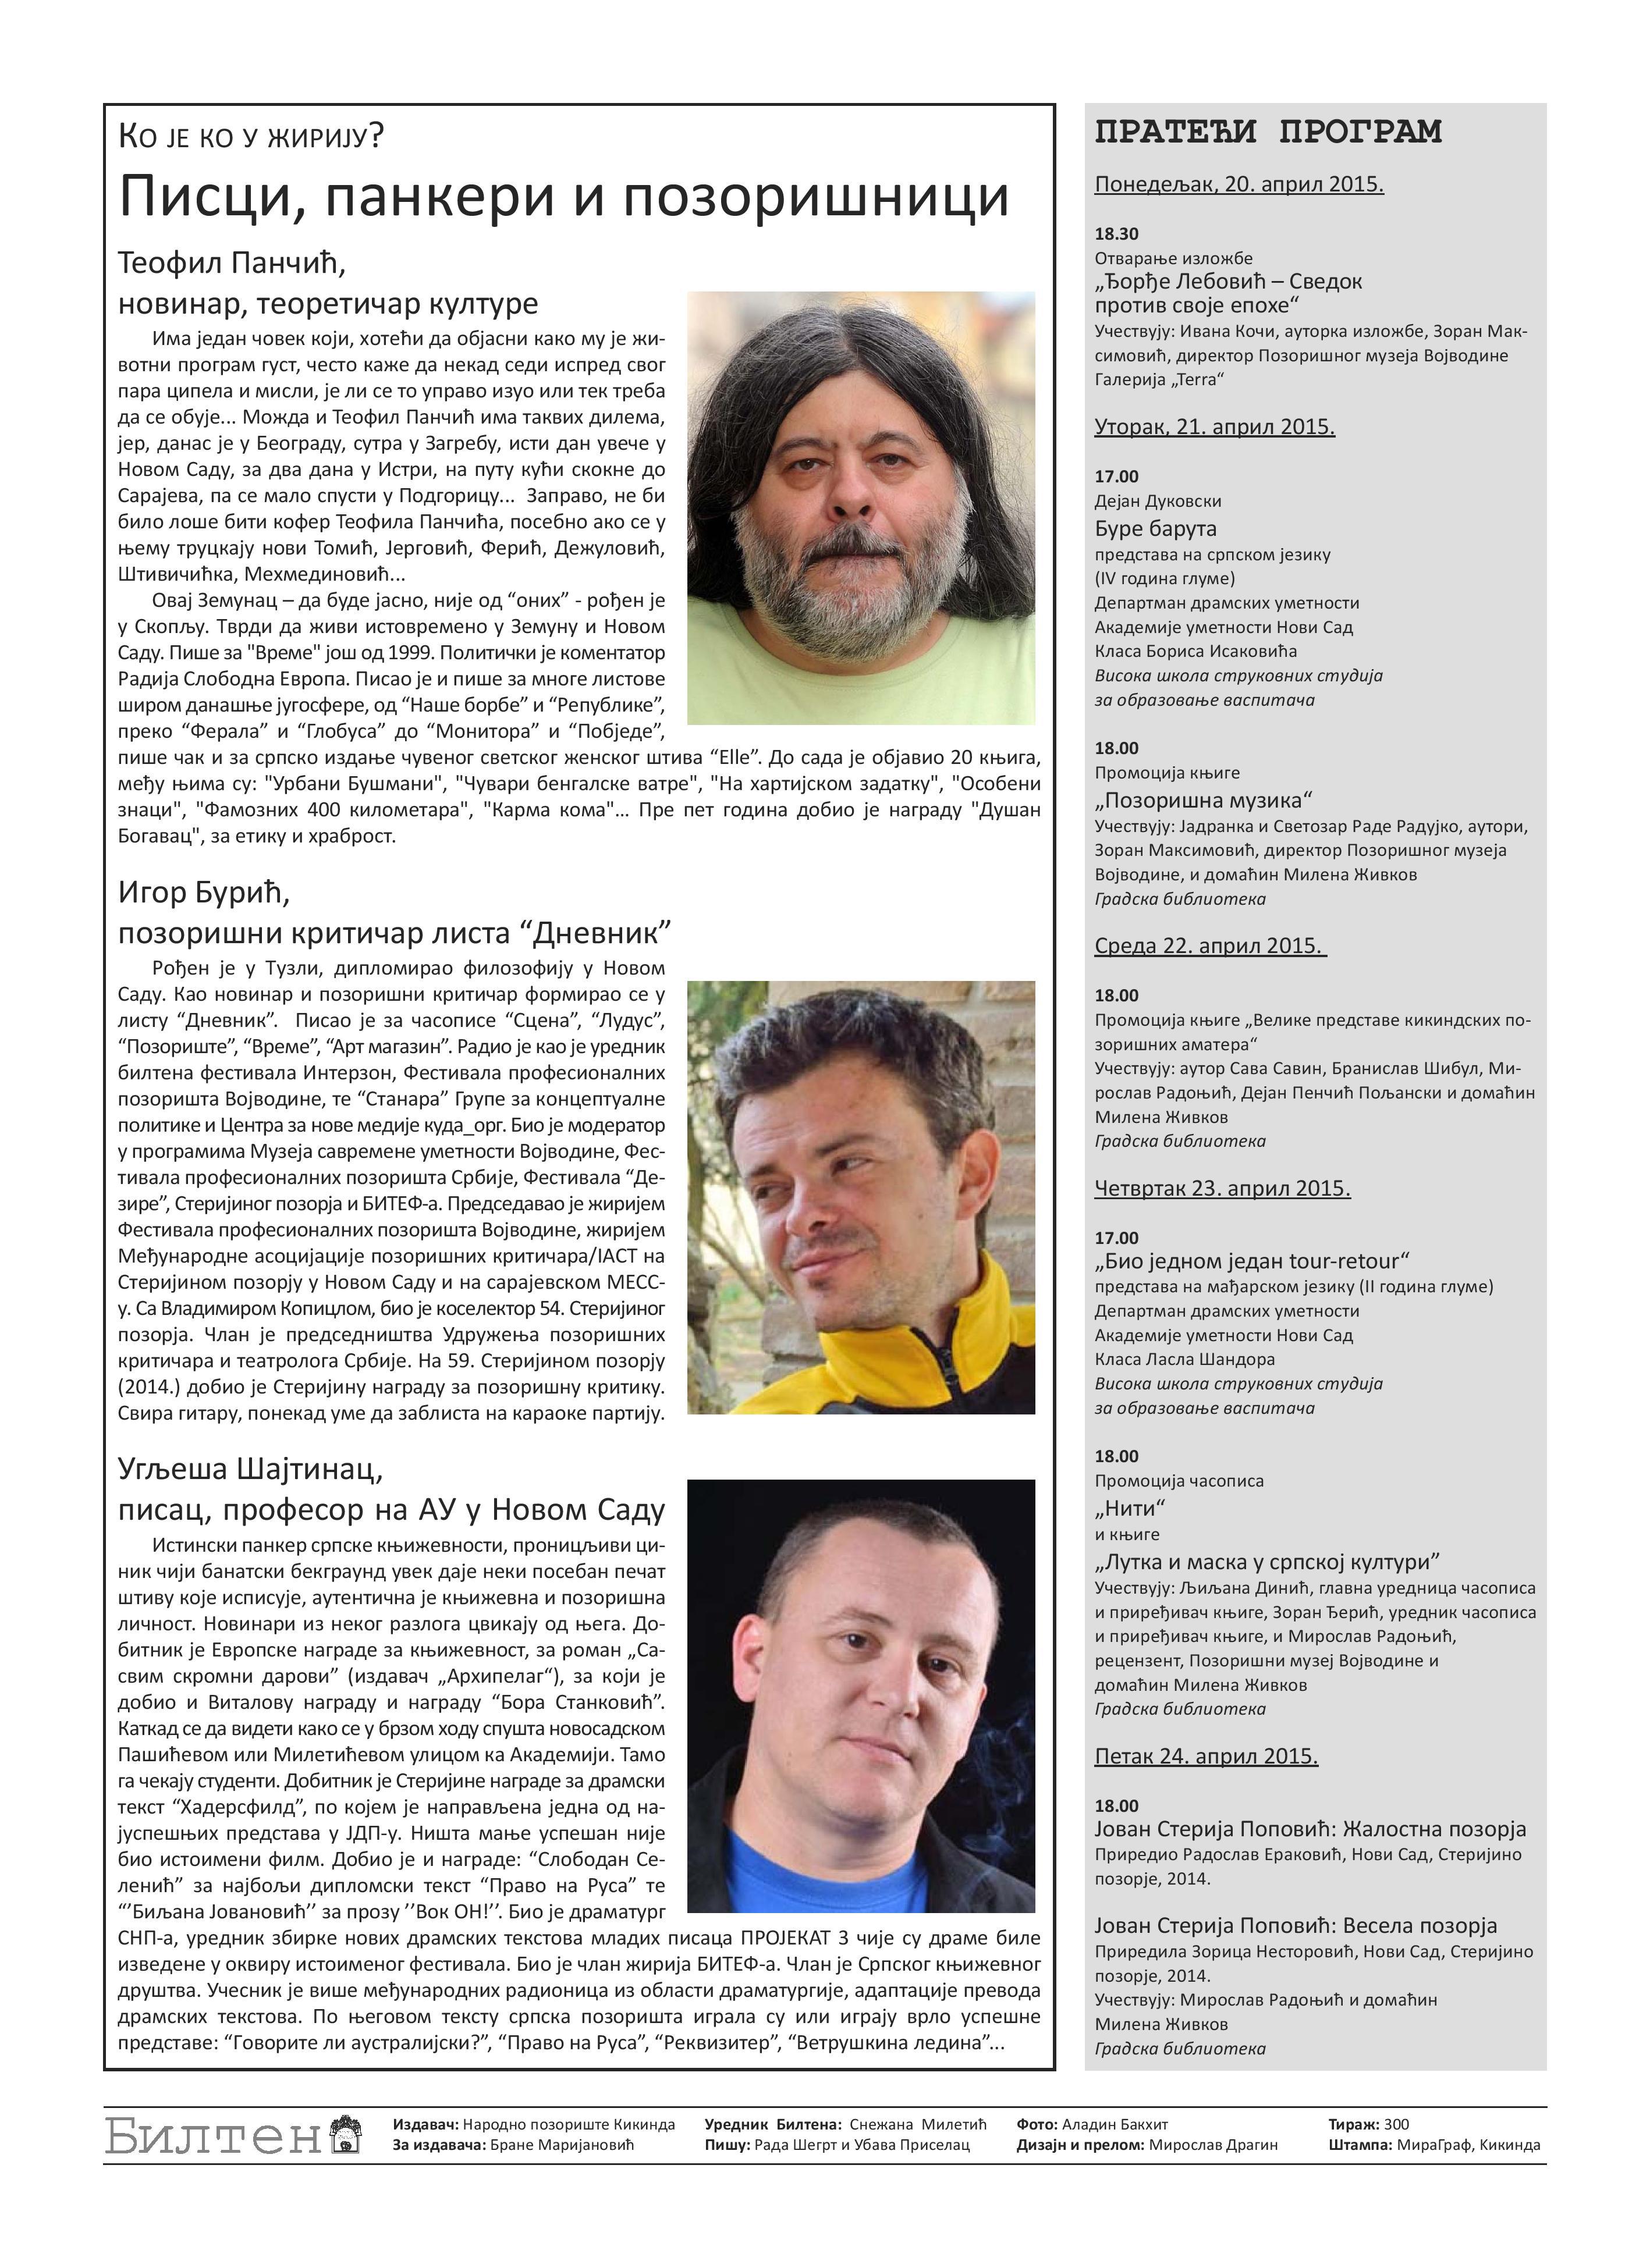 BILTEN_01_20 april_web-page-004